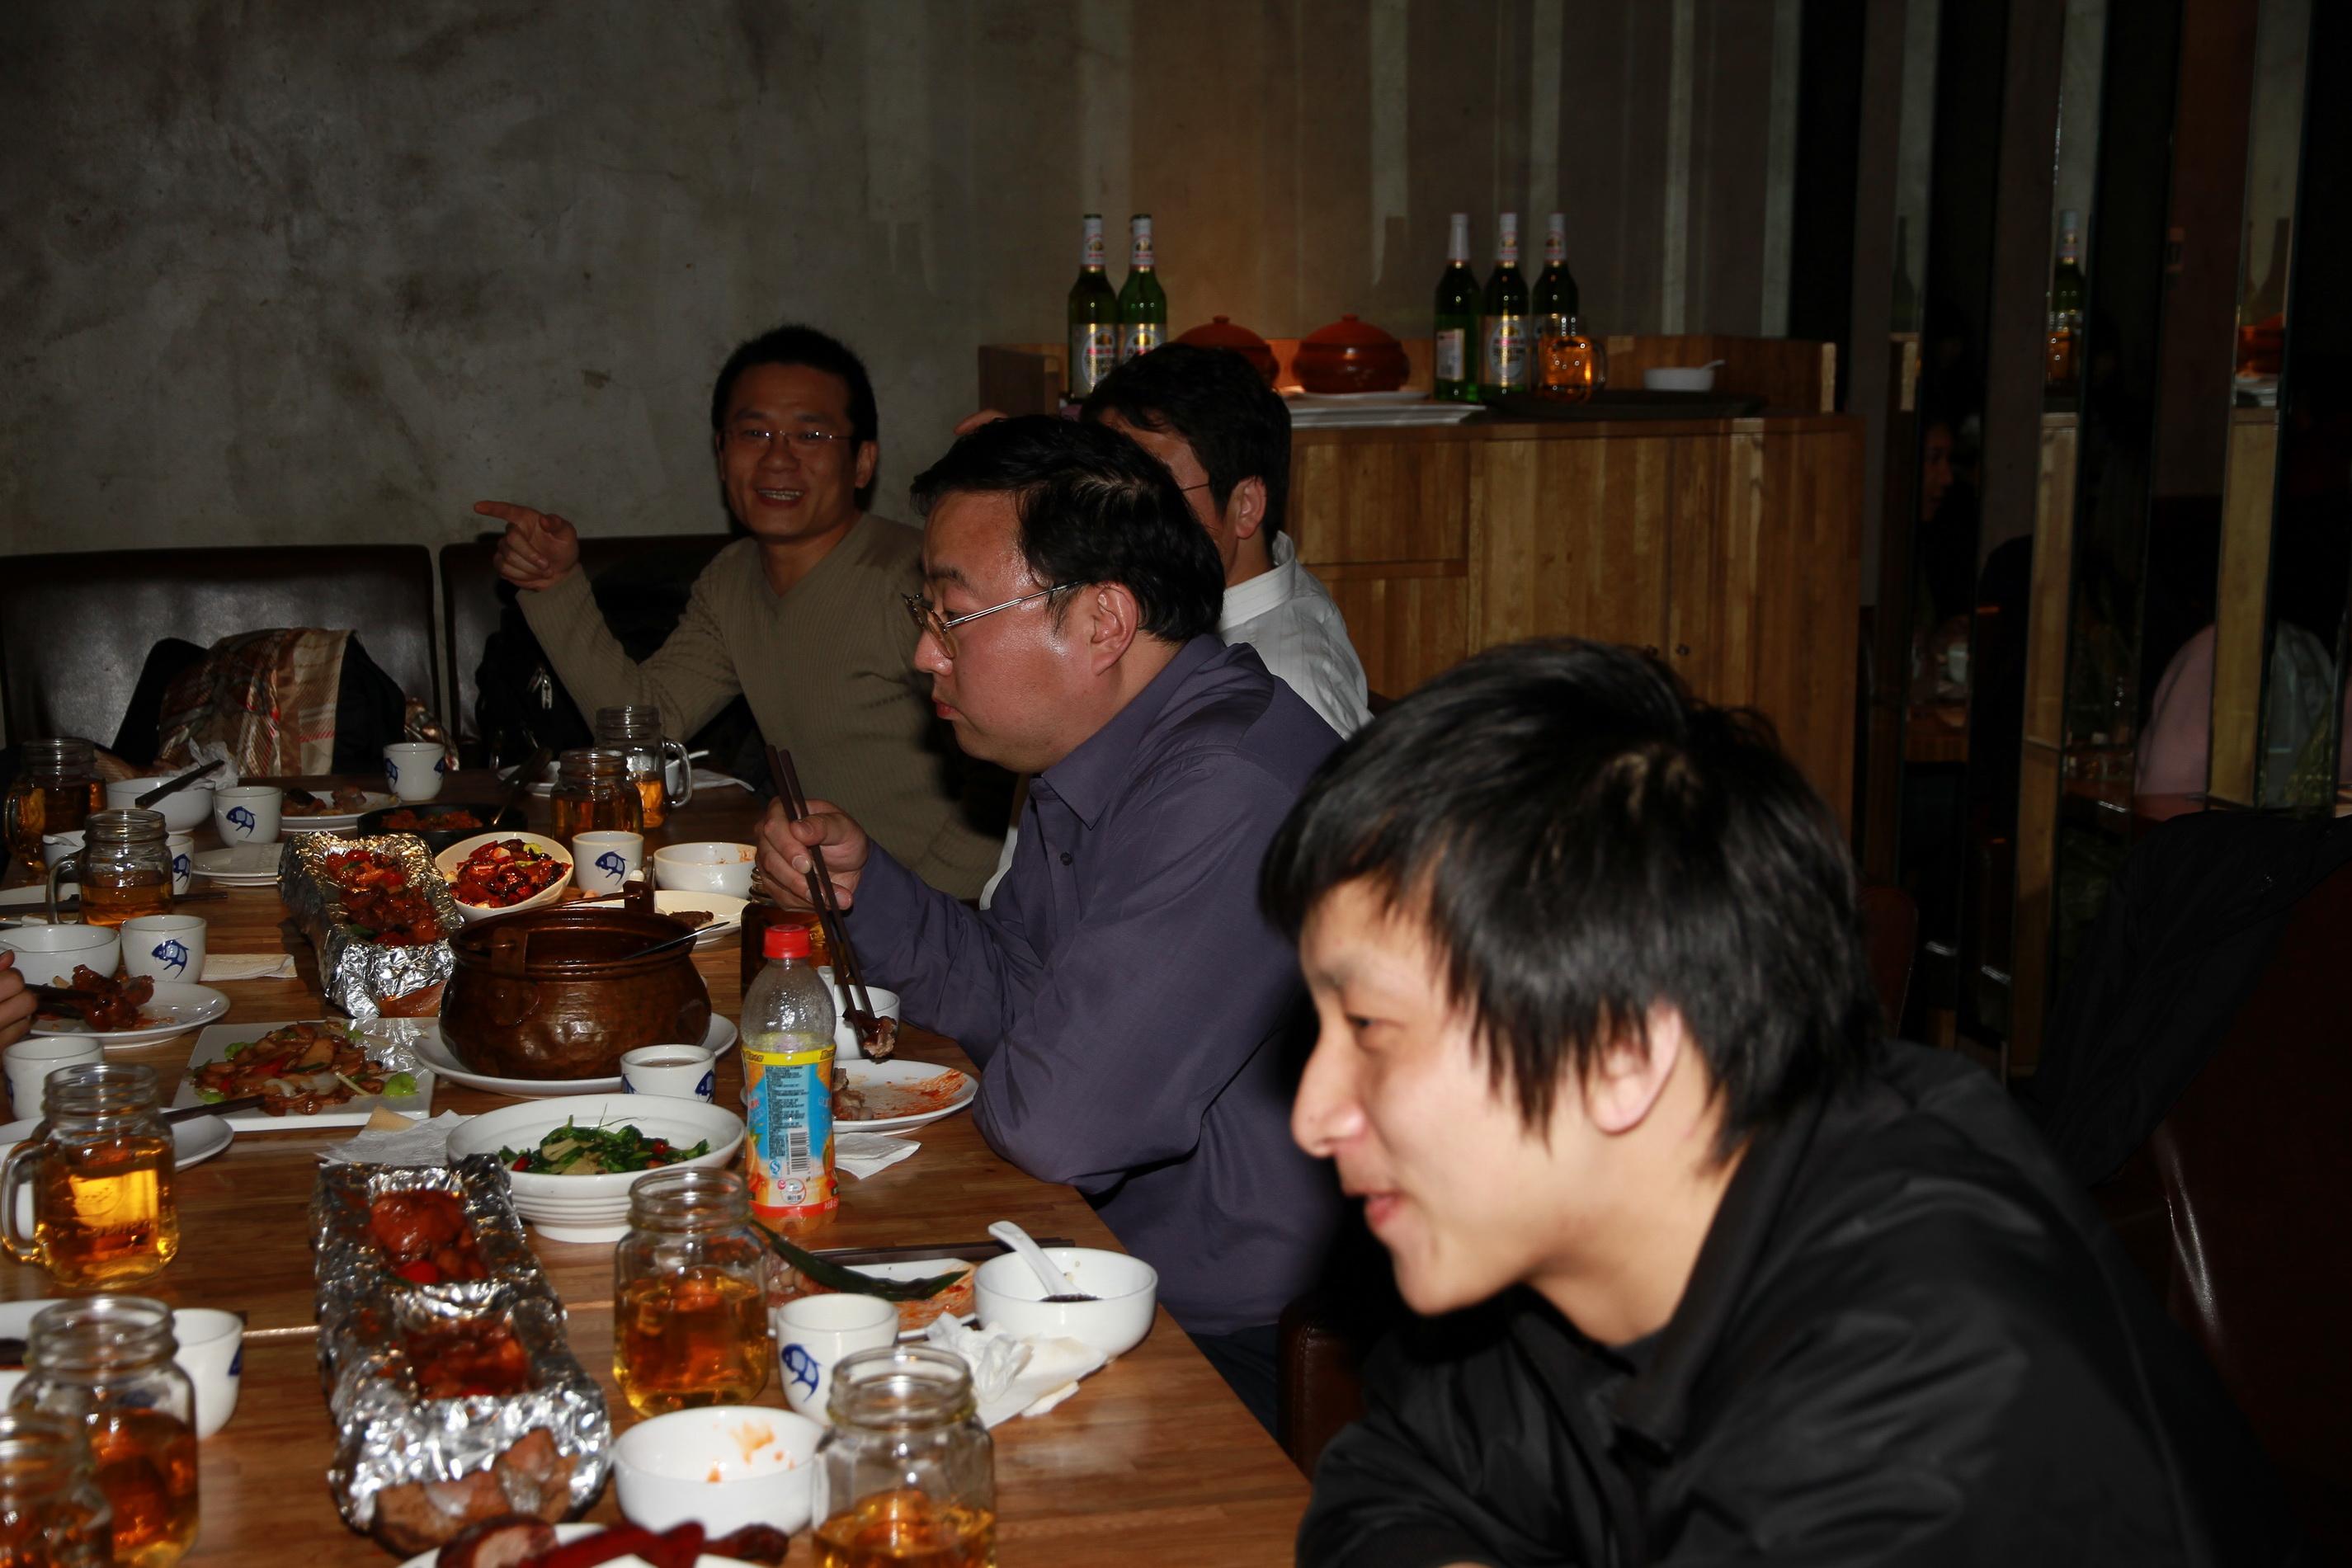 CU400_BeiJing_20100320 (3).JPG